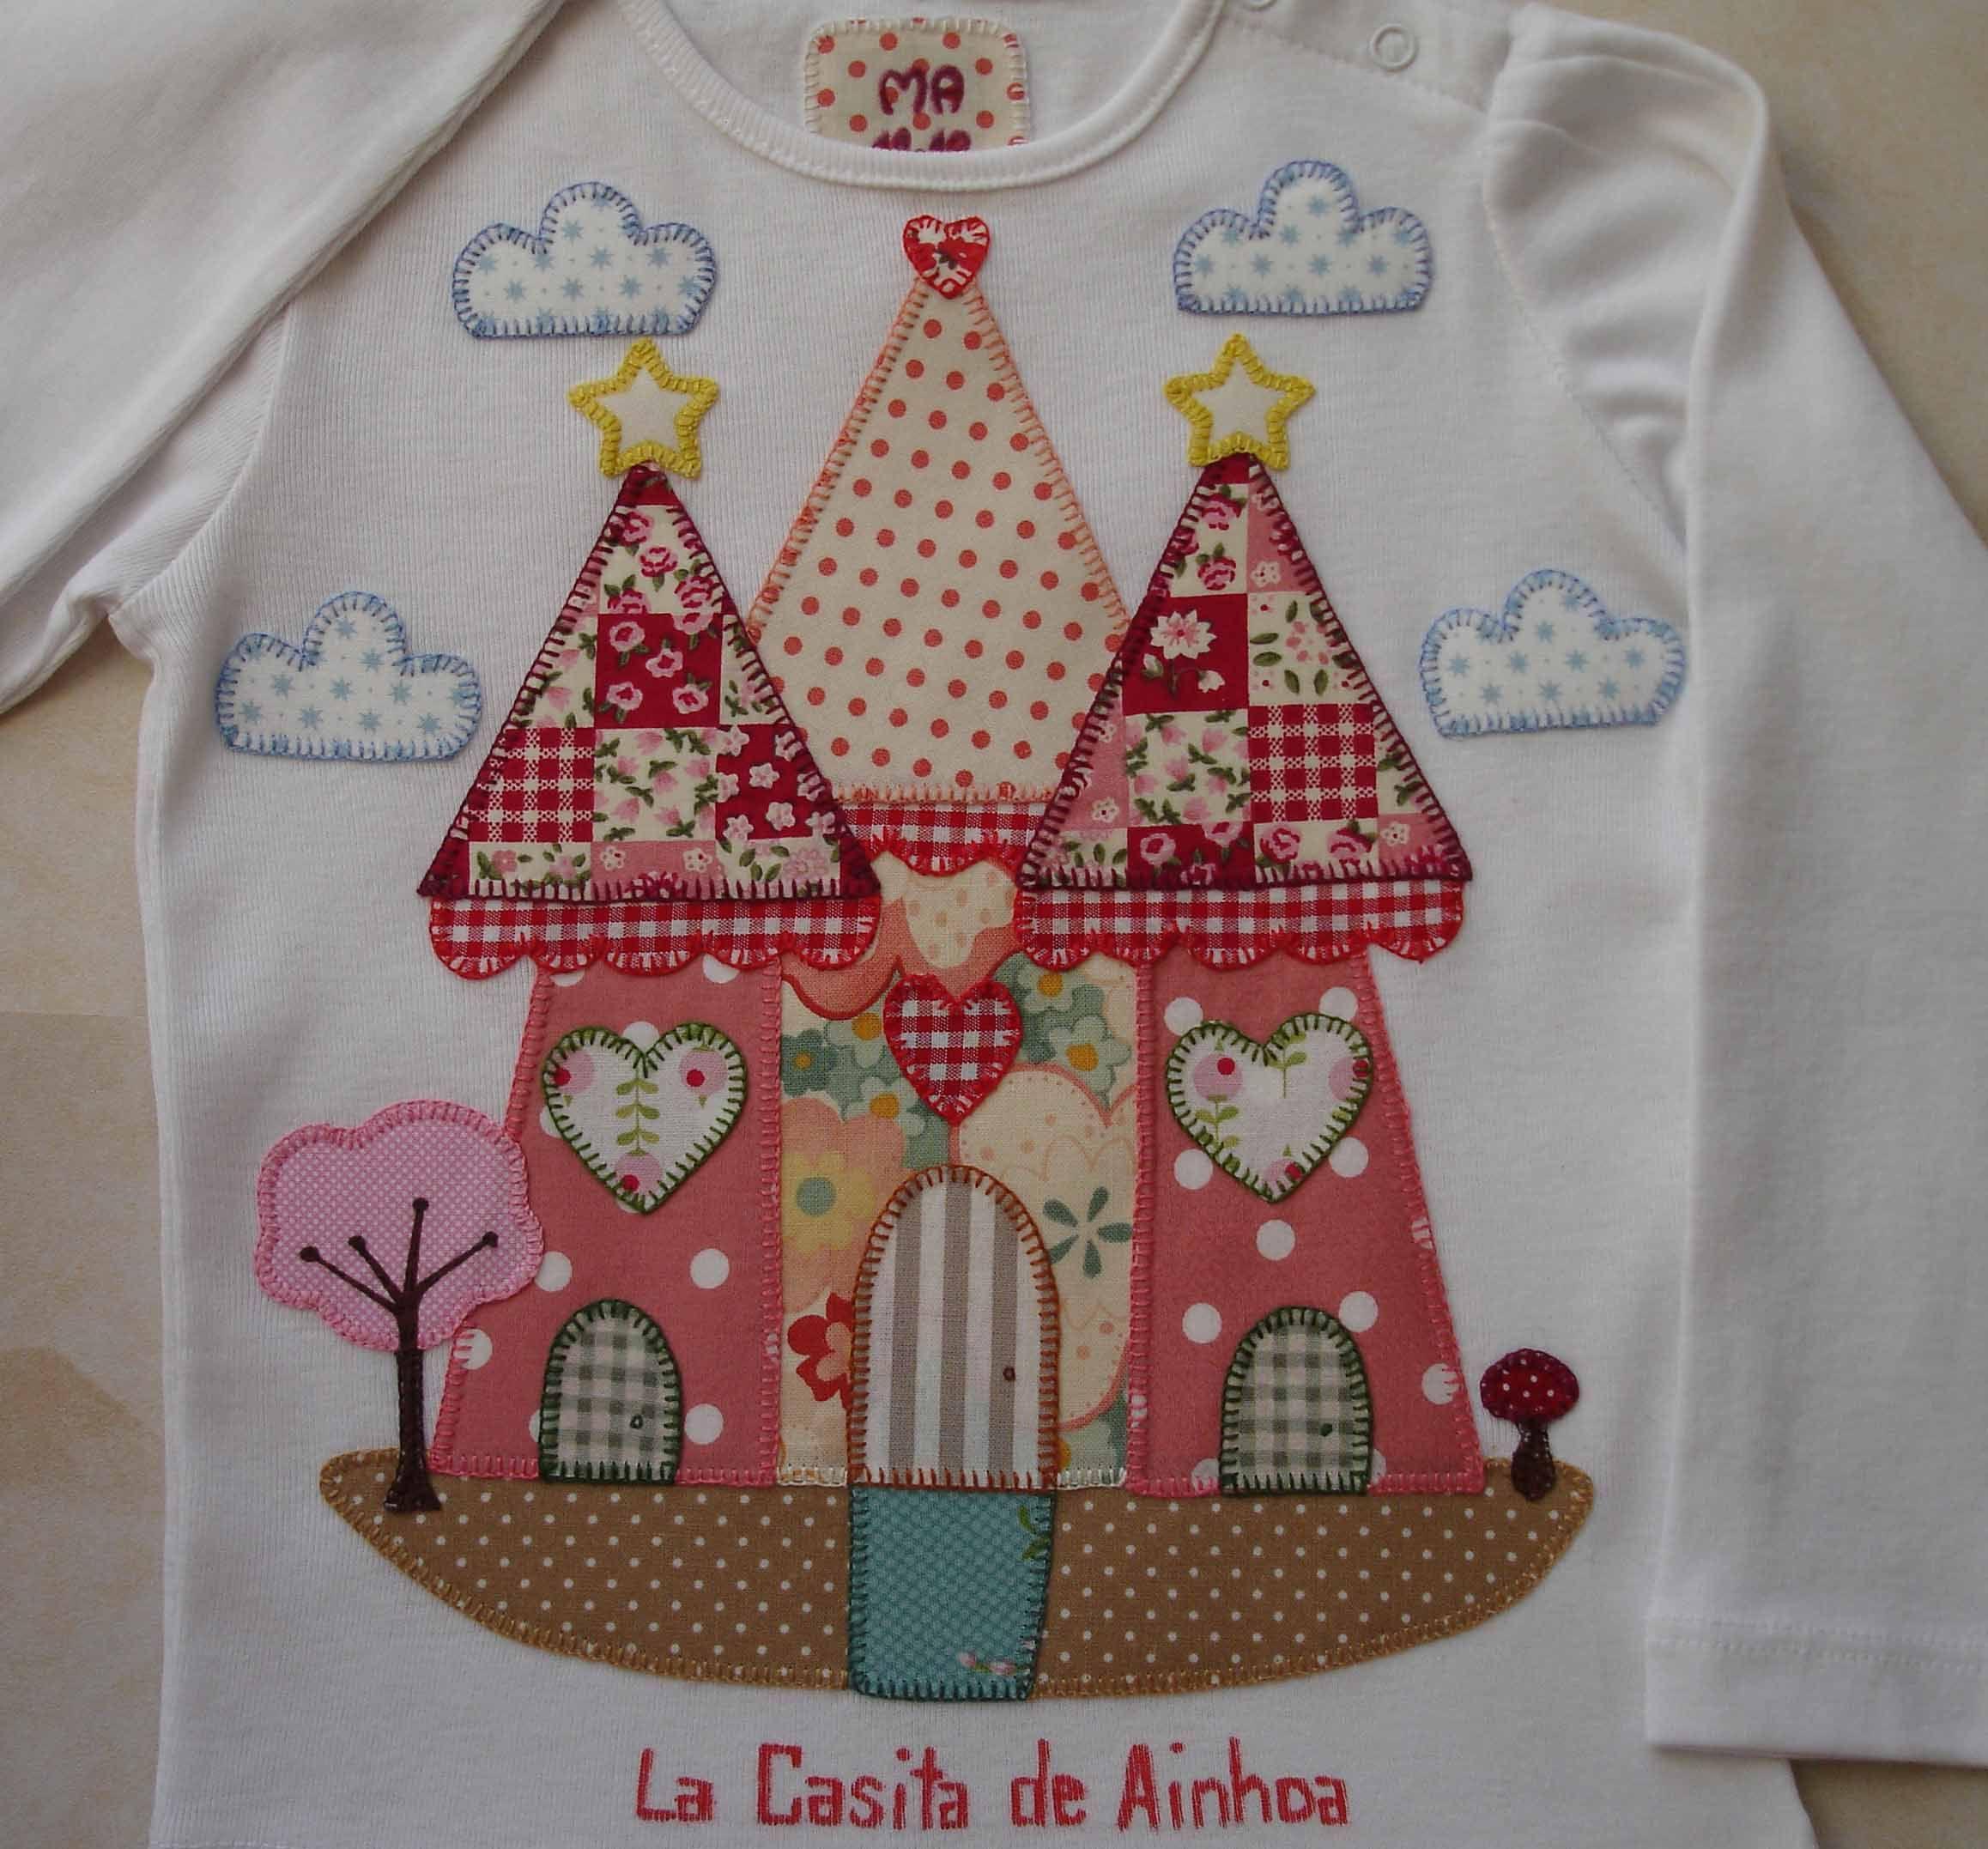 Para bebes · Camisetas Ainhoa (alicia Mor) 5 be87cd8ff22c